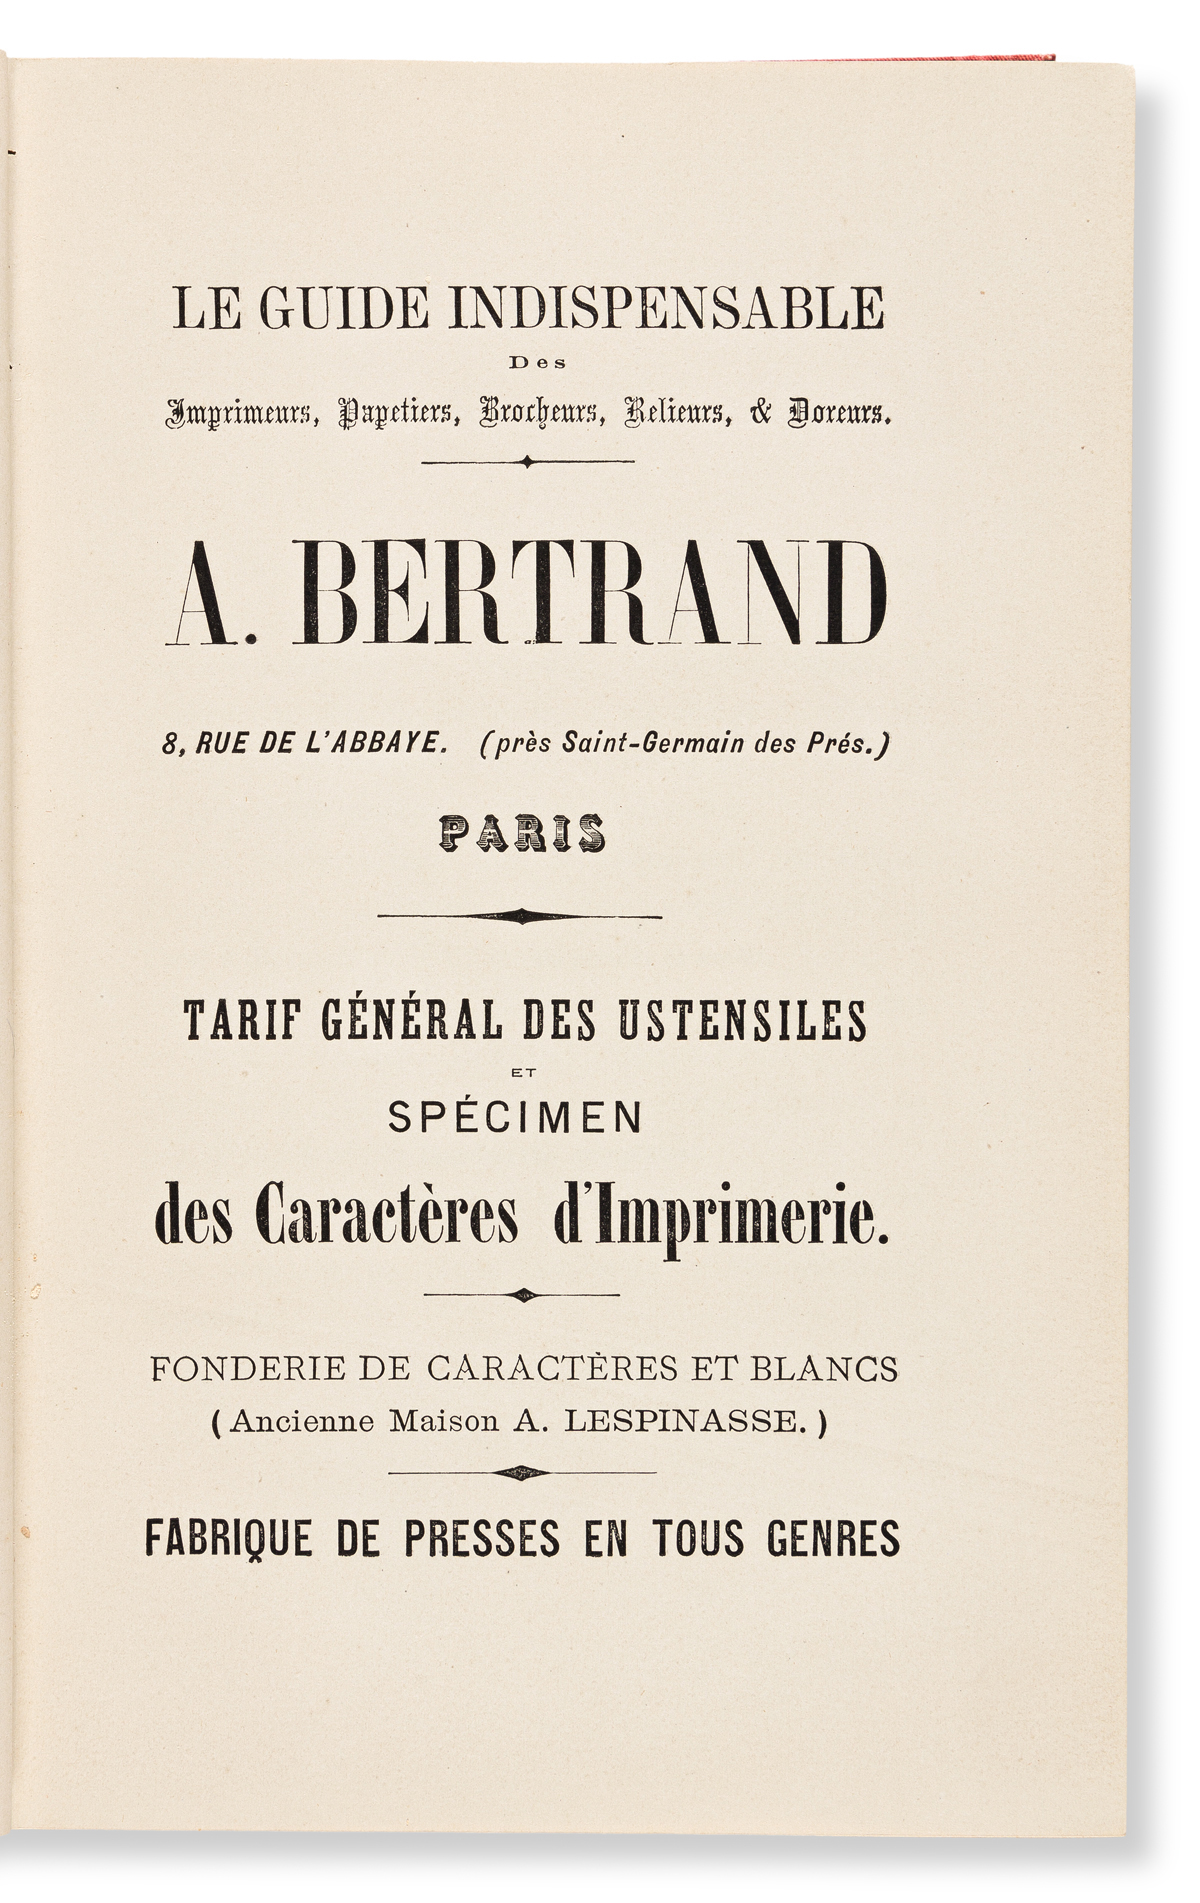 [SPECIMEN BOOK — LA FONDERIE A. BERTRAND]. Le Le Guide Indispensable des Imprimeurs, Papetiers, Brocheurs, Relieurs, & Doreurs. A. Bert